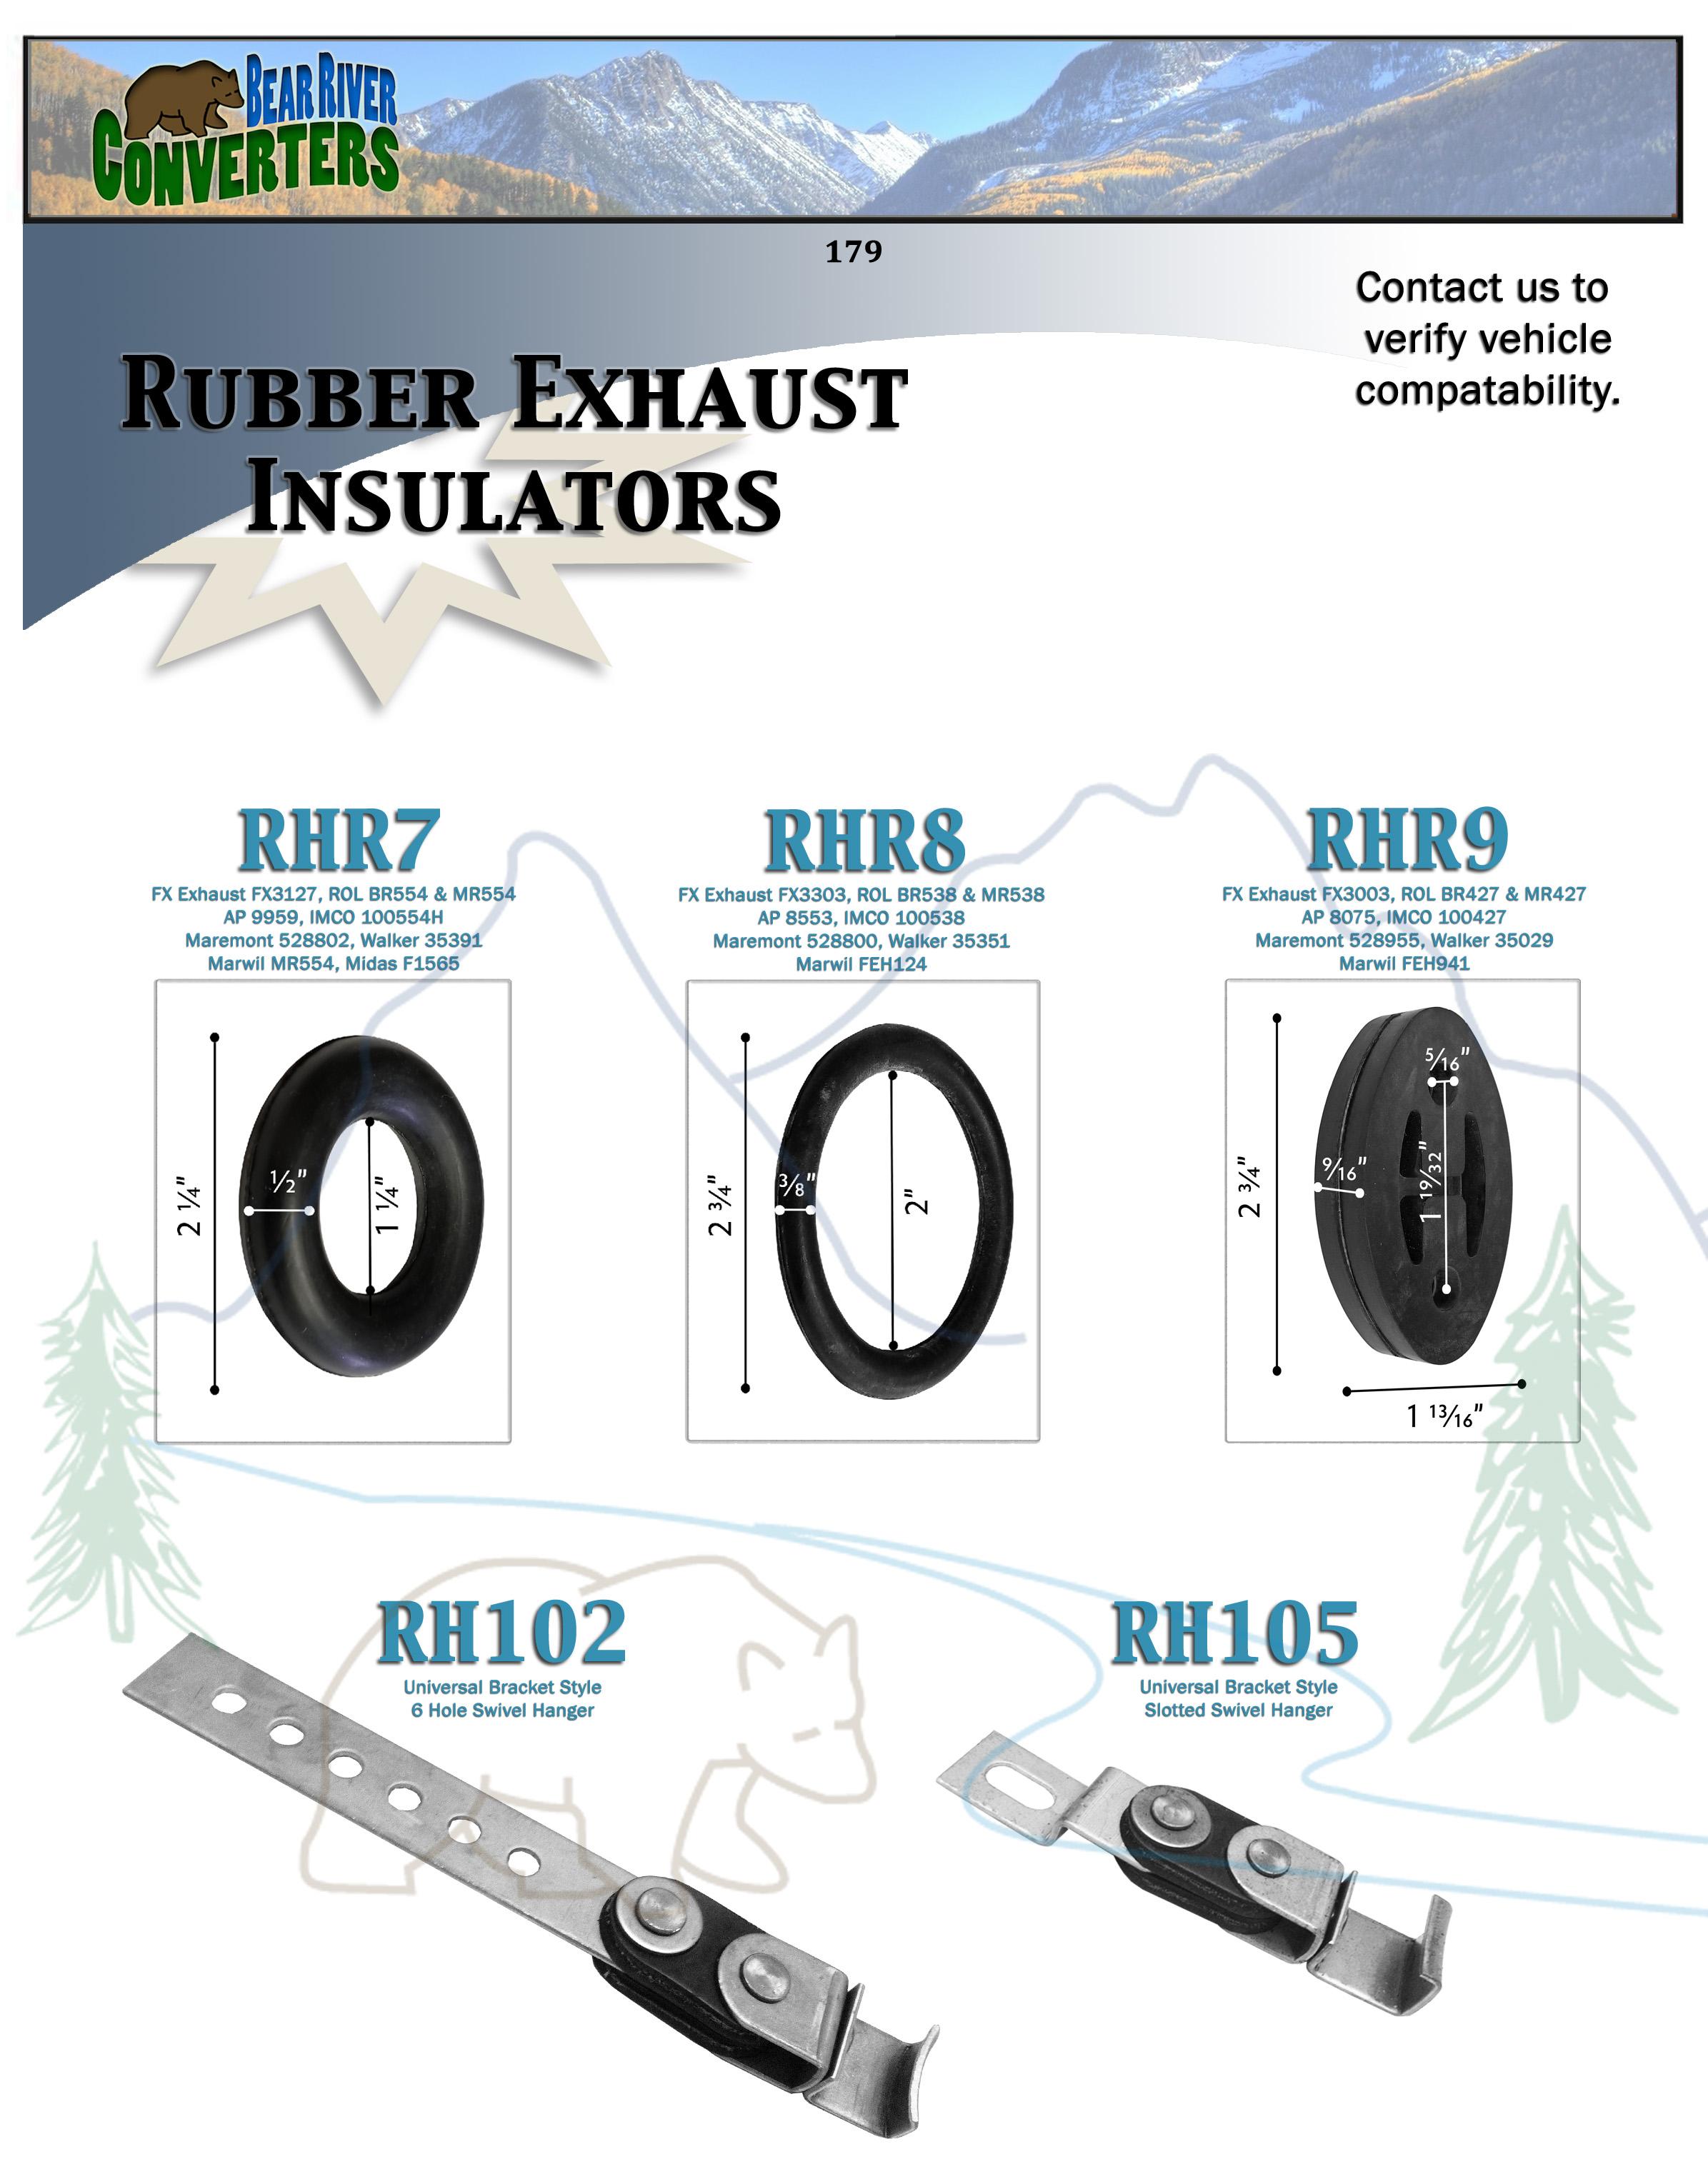 rhr2 exhaust mount rubber insulator grommet hanger bushing 5 16 rod rh bearriverconverters store